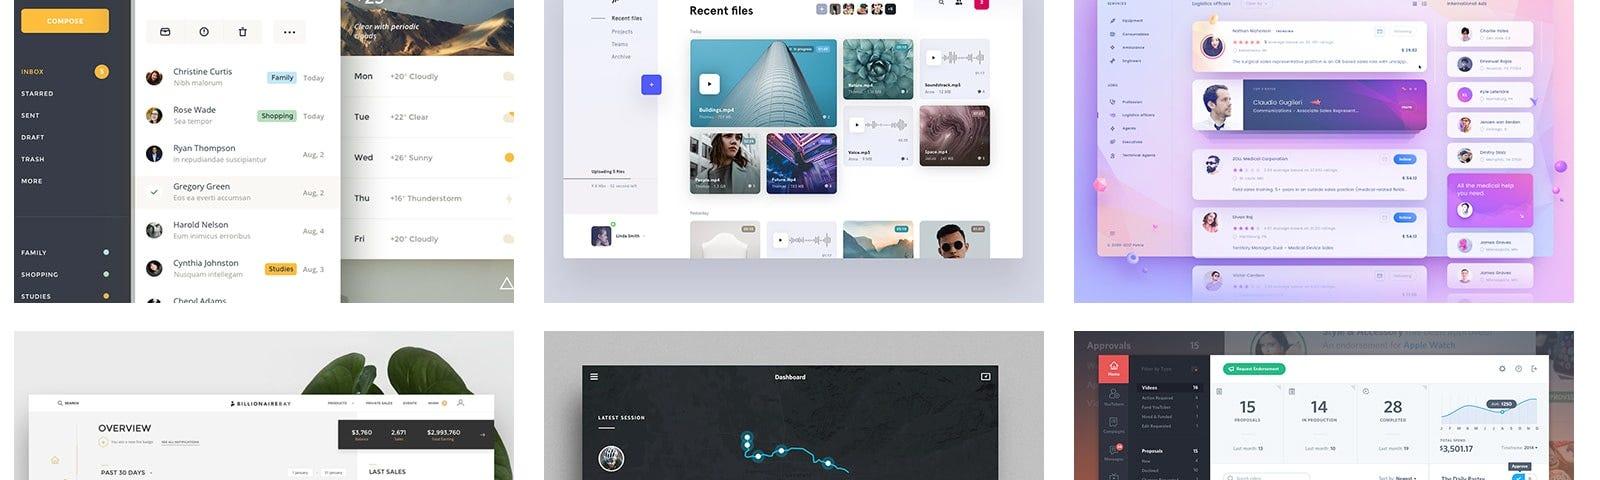 Dashboard \u2013 Muzli - Design Inspiration - dashboard design inspiration